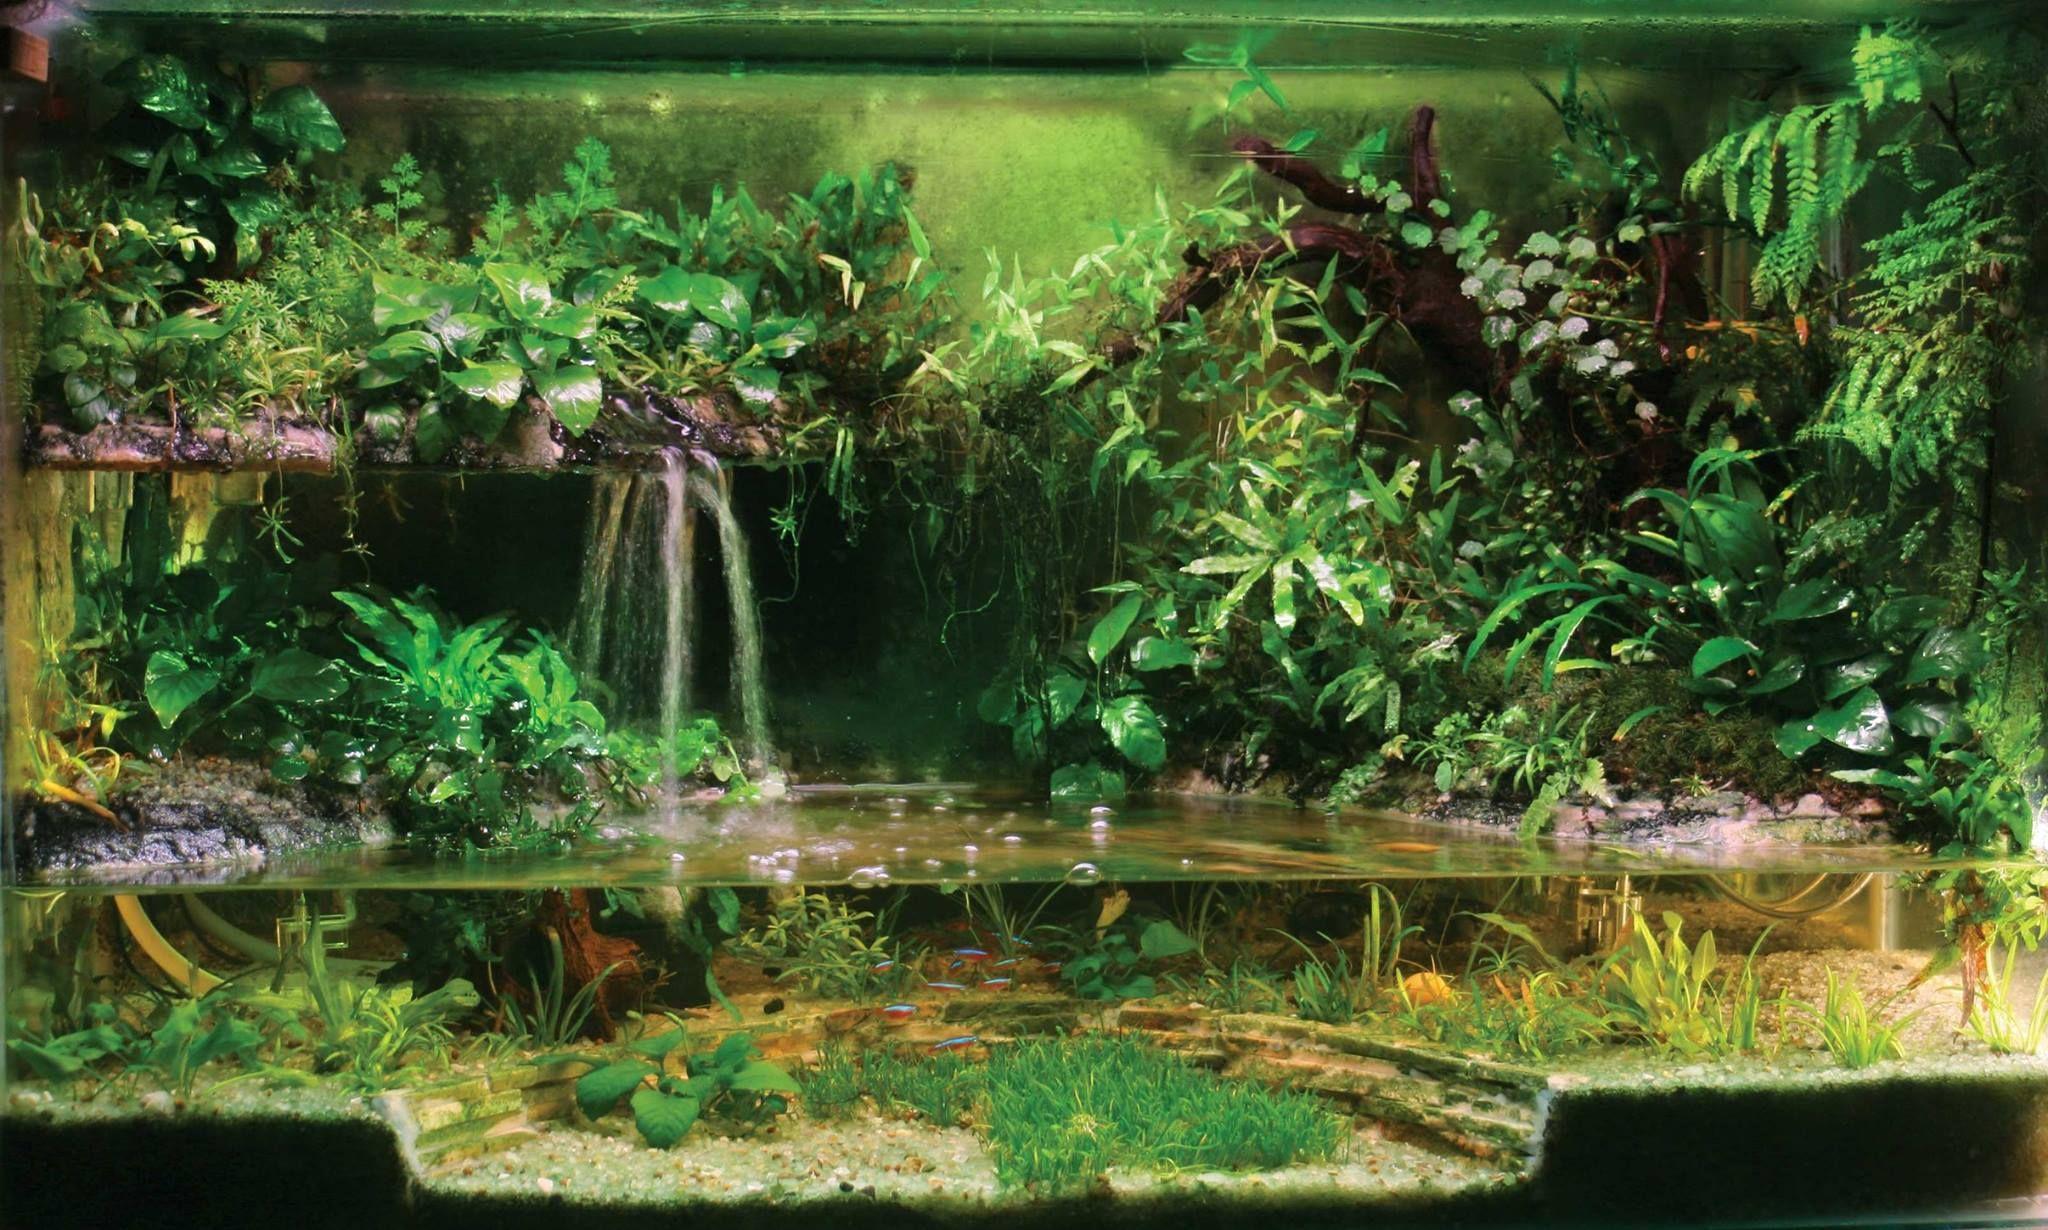 45d3a813733c554c6baa9ebe292be18b Incroyable De Aquarium Deco Des Idées